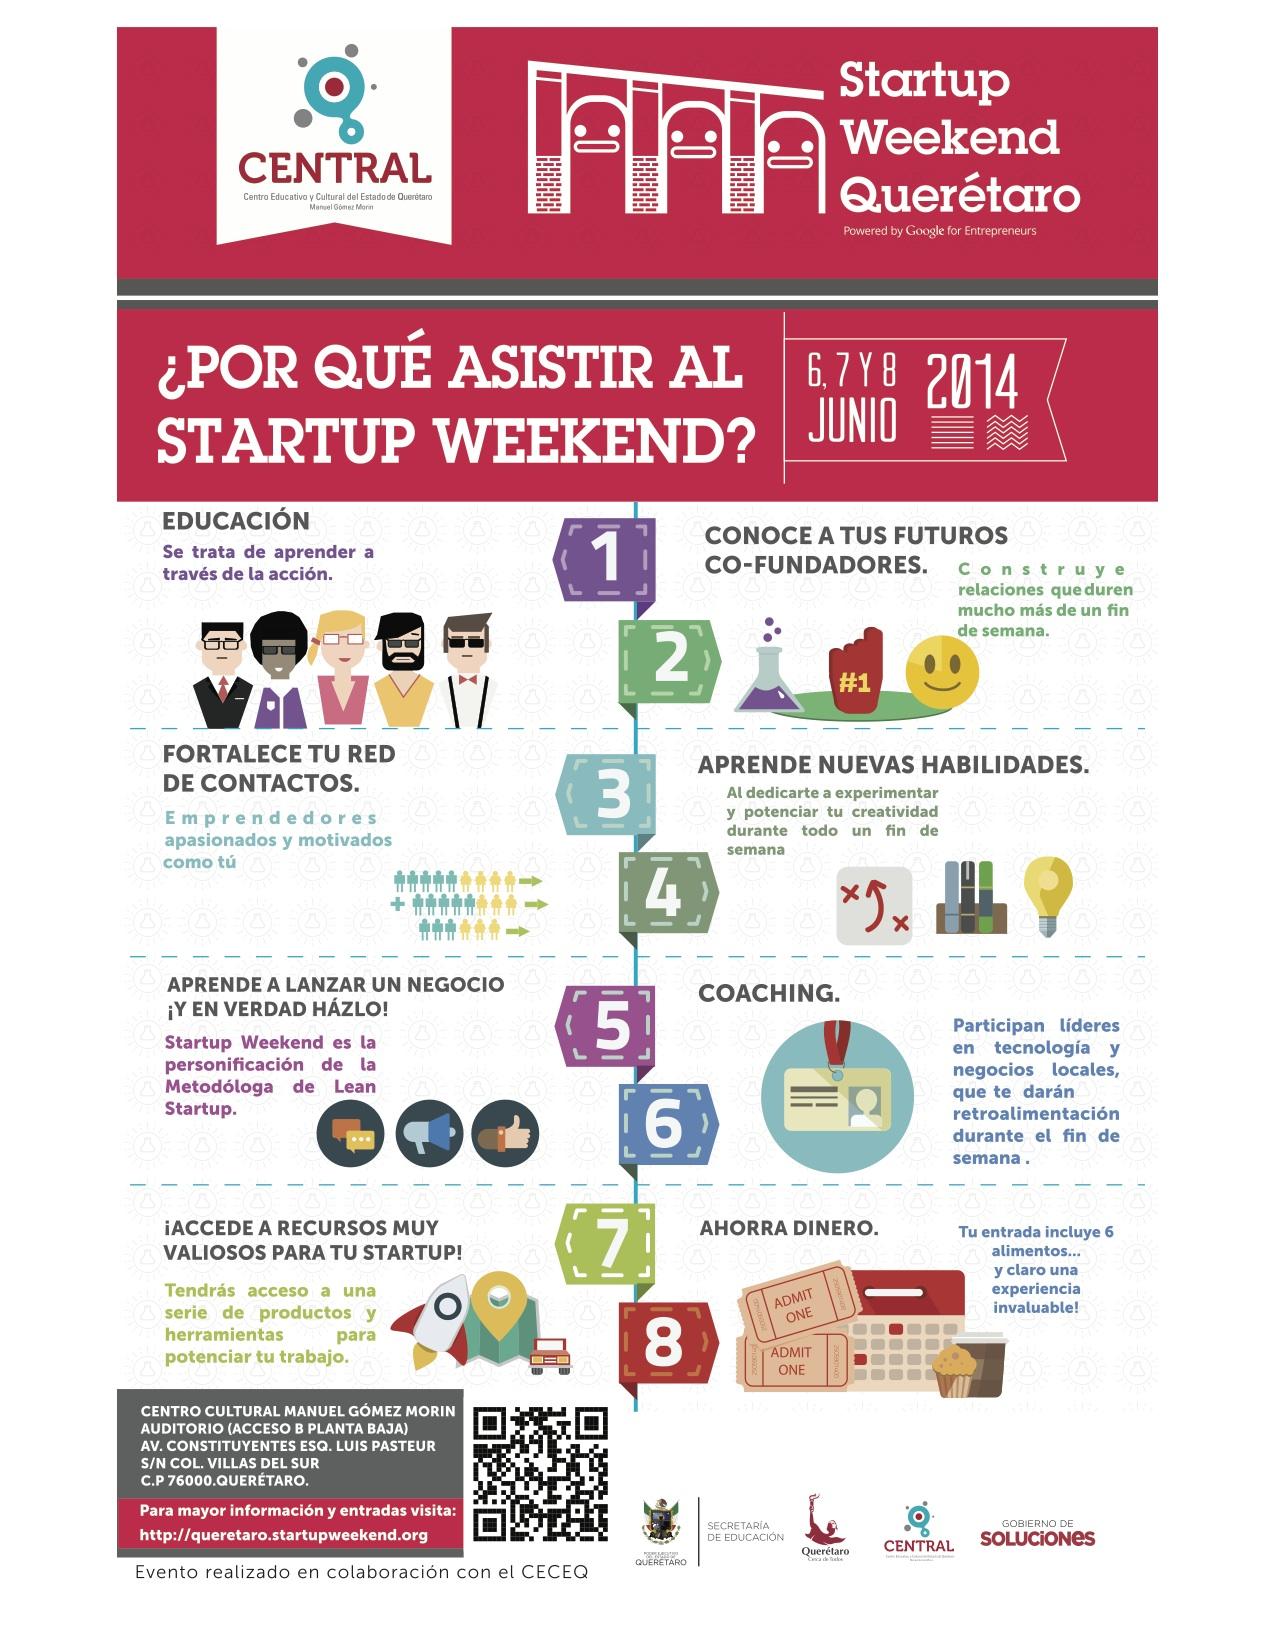 Jóvenes llevarán a cabo Startup Weekend en Querétaro